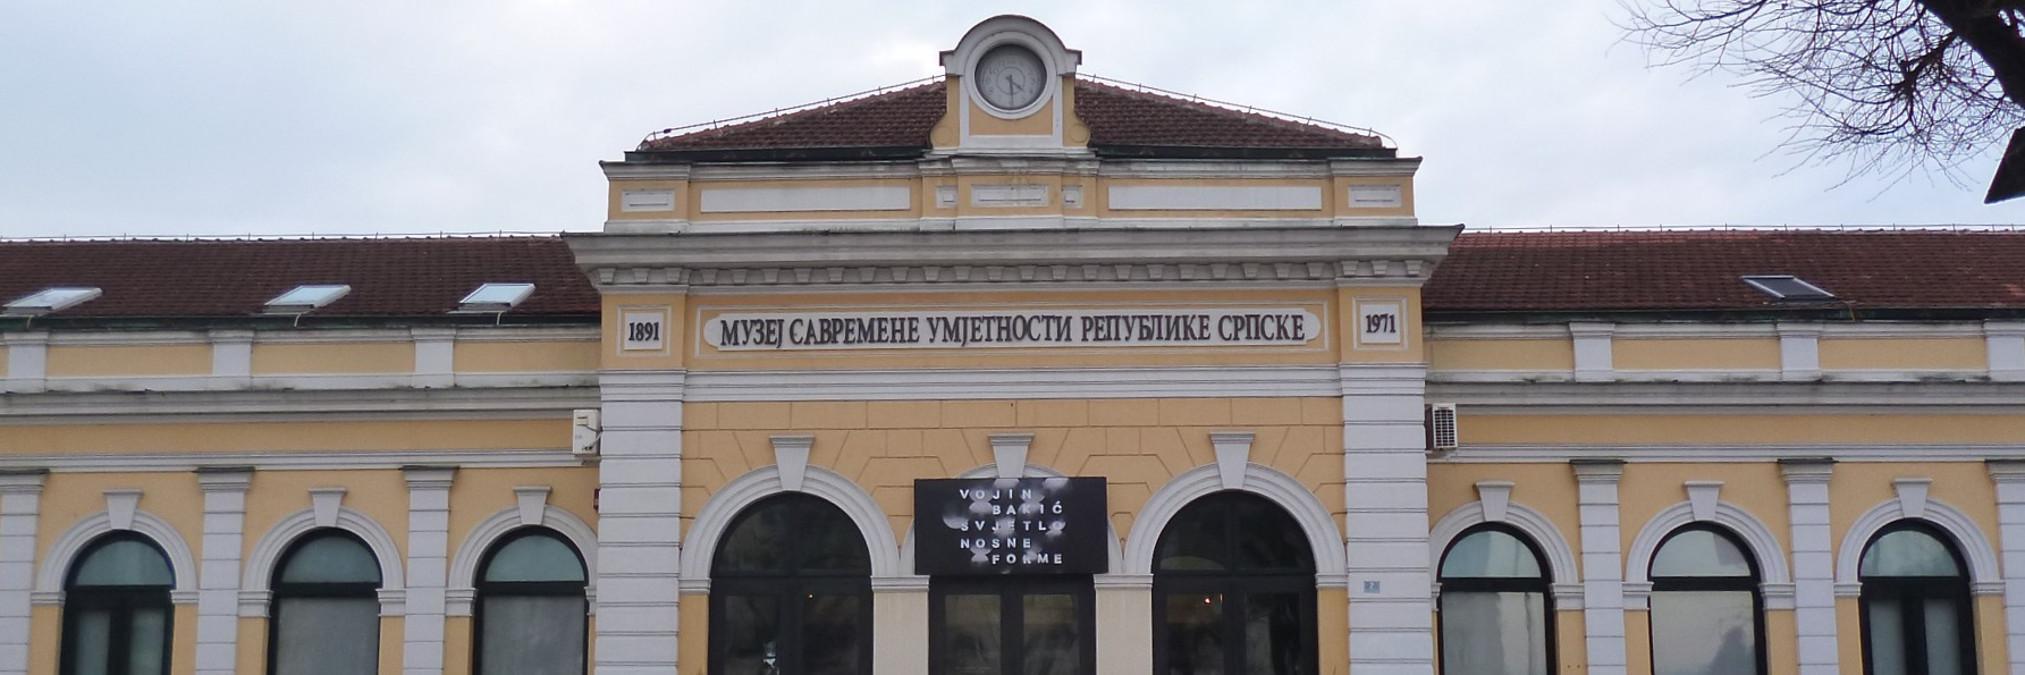 Музей современного искусства Республики Сербской